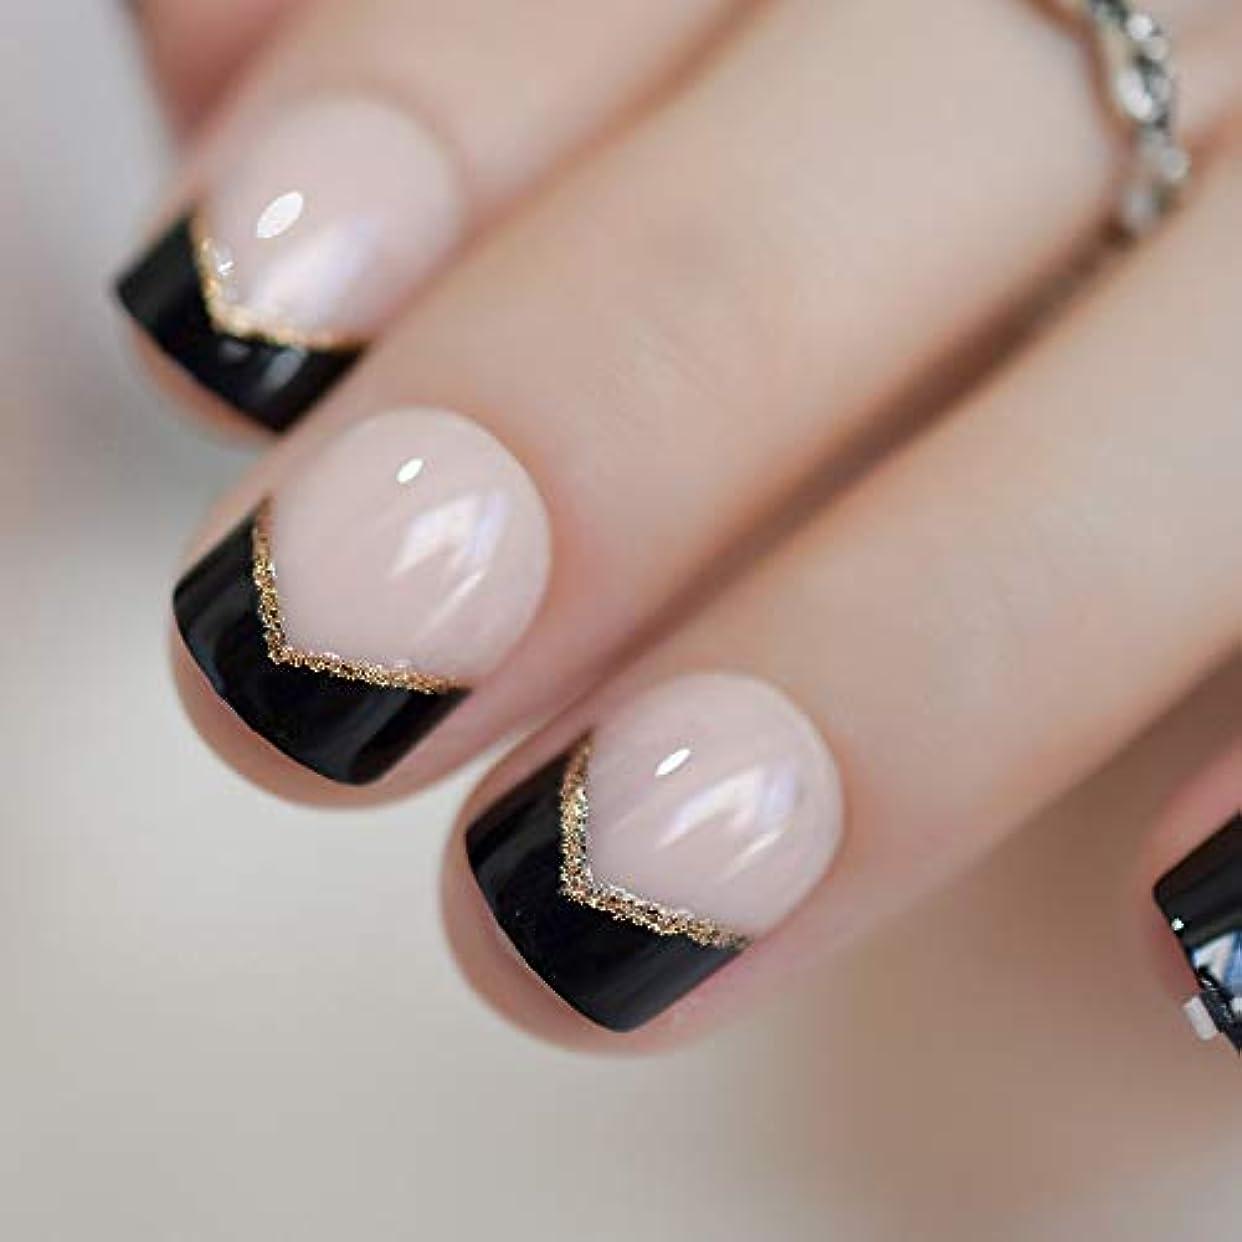 復讐ドナウ川なしでXUTXZKA 短い爪黒のヒントゴールドグリッターアングル装飾された女性のための自然な偽の爪